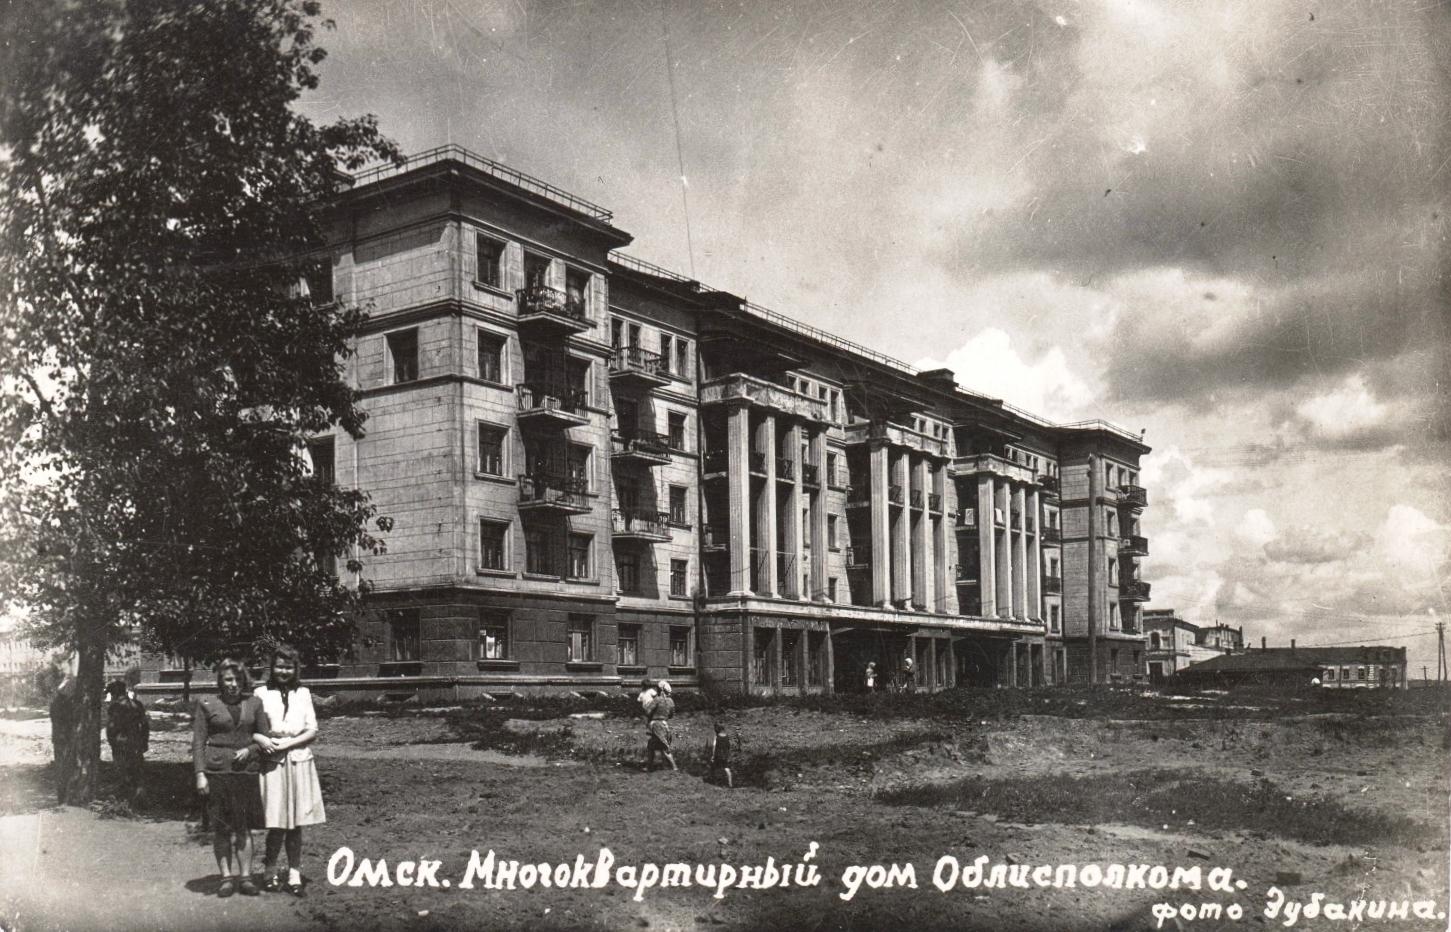 Многоквартирный дом Обисполкома2 1945-50